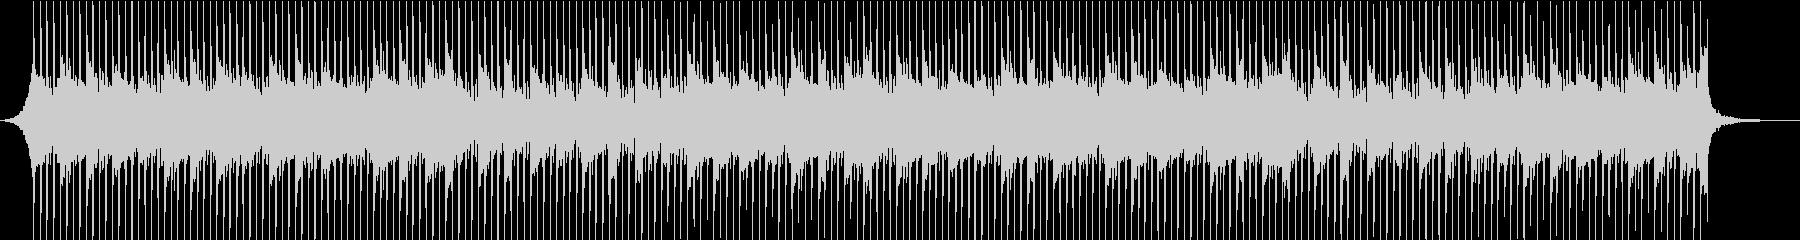 ギター、ピアノの企業VPの未再生の波形